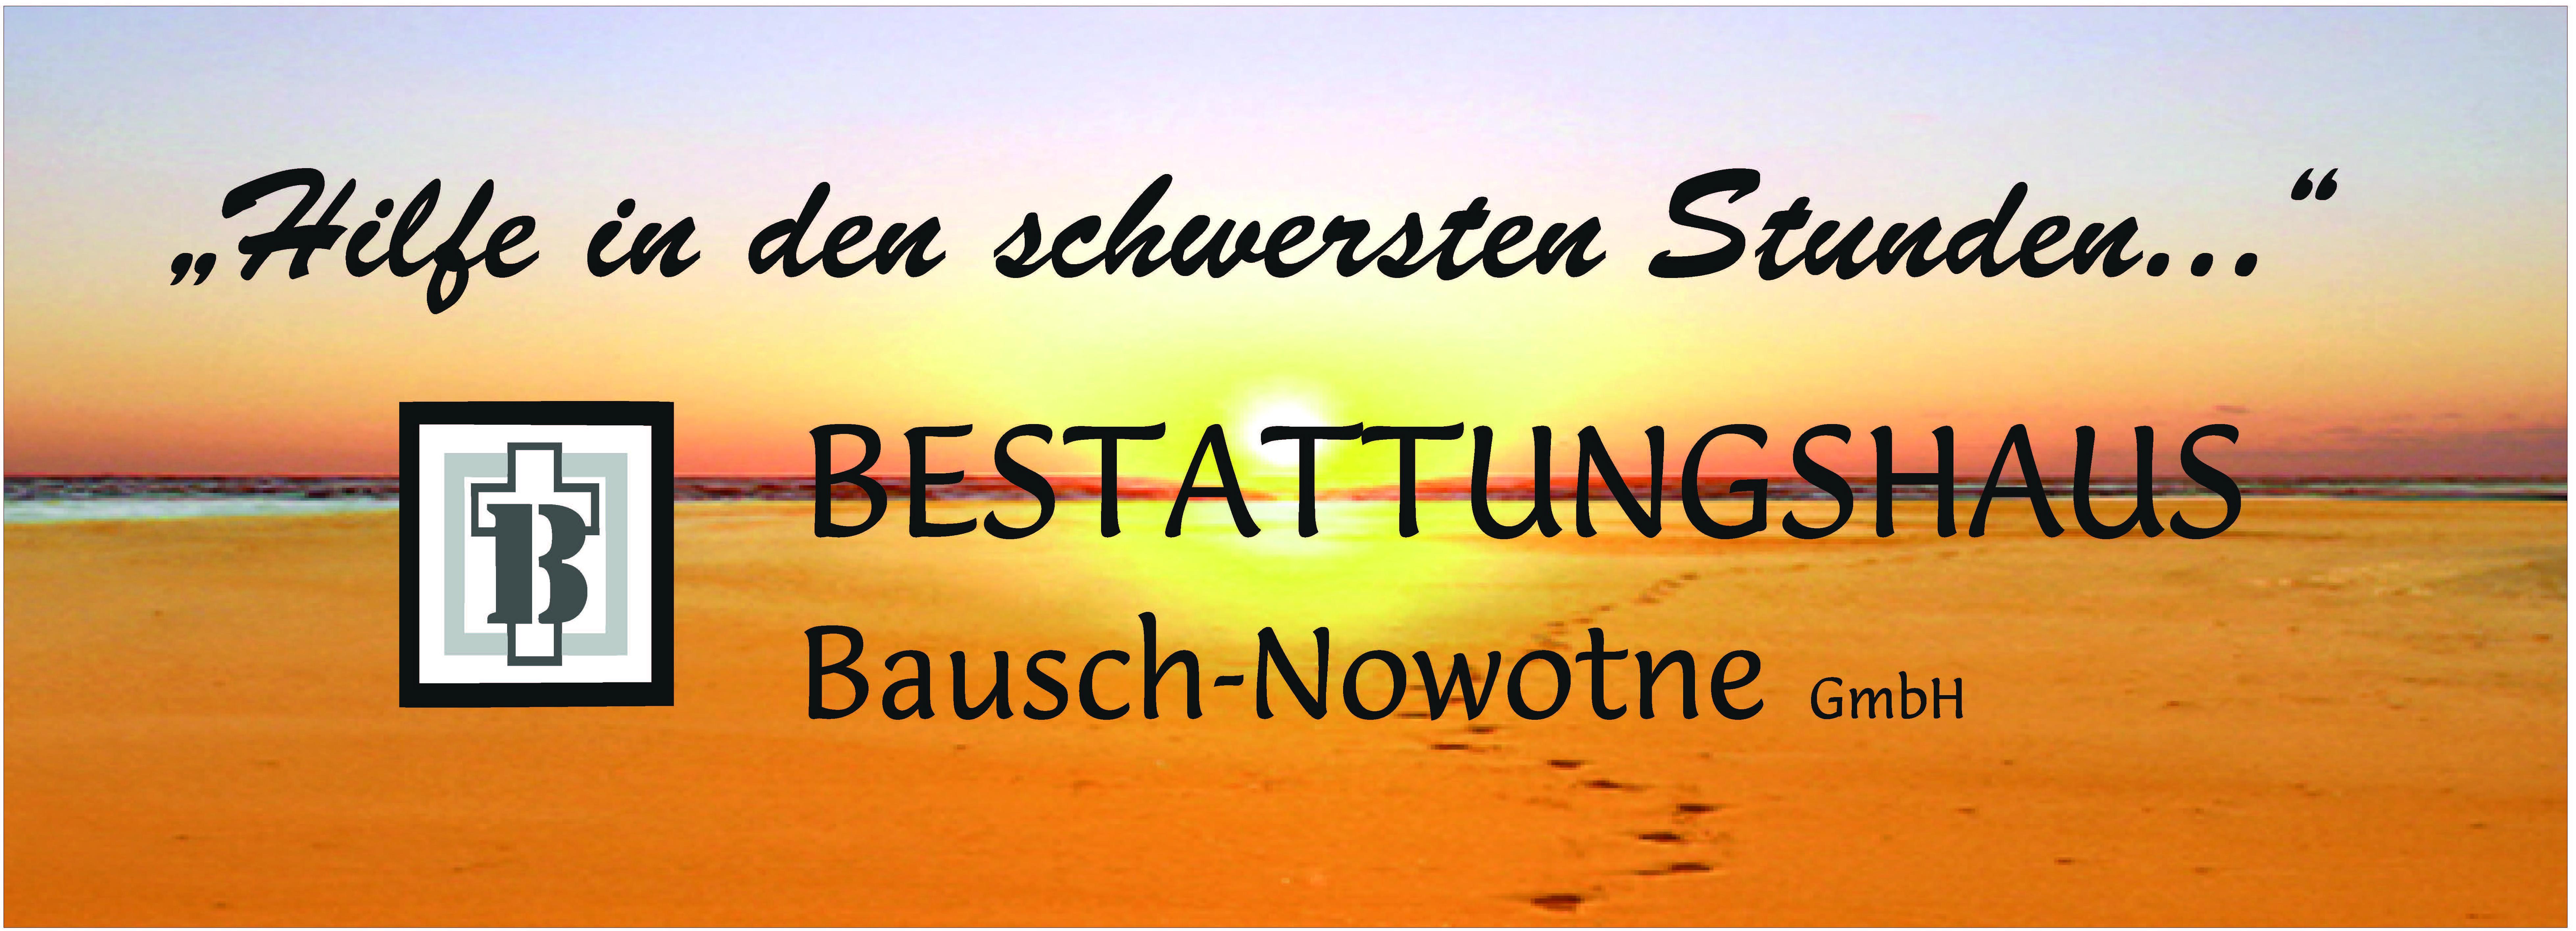 Bausch Nowotne